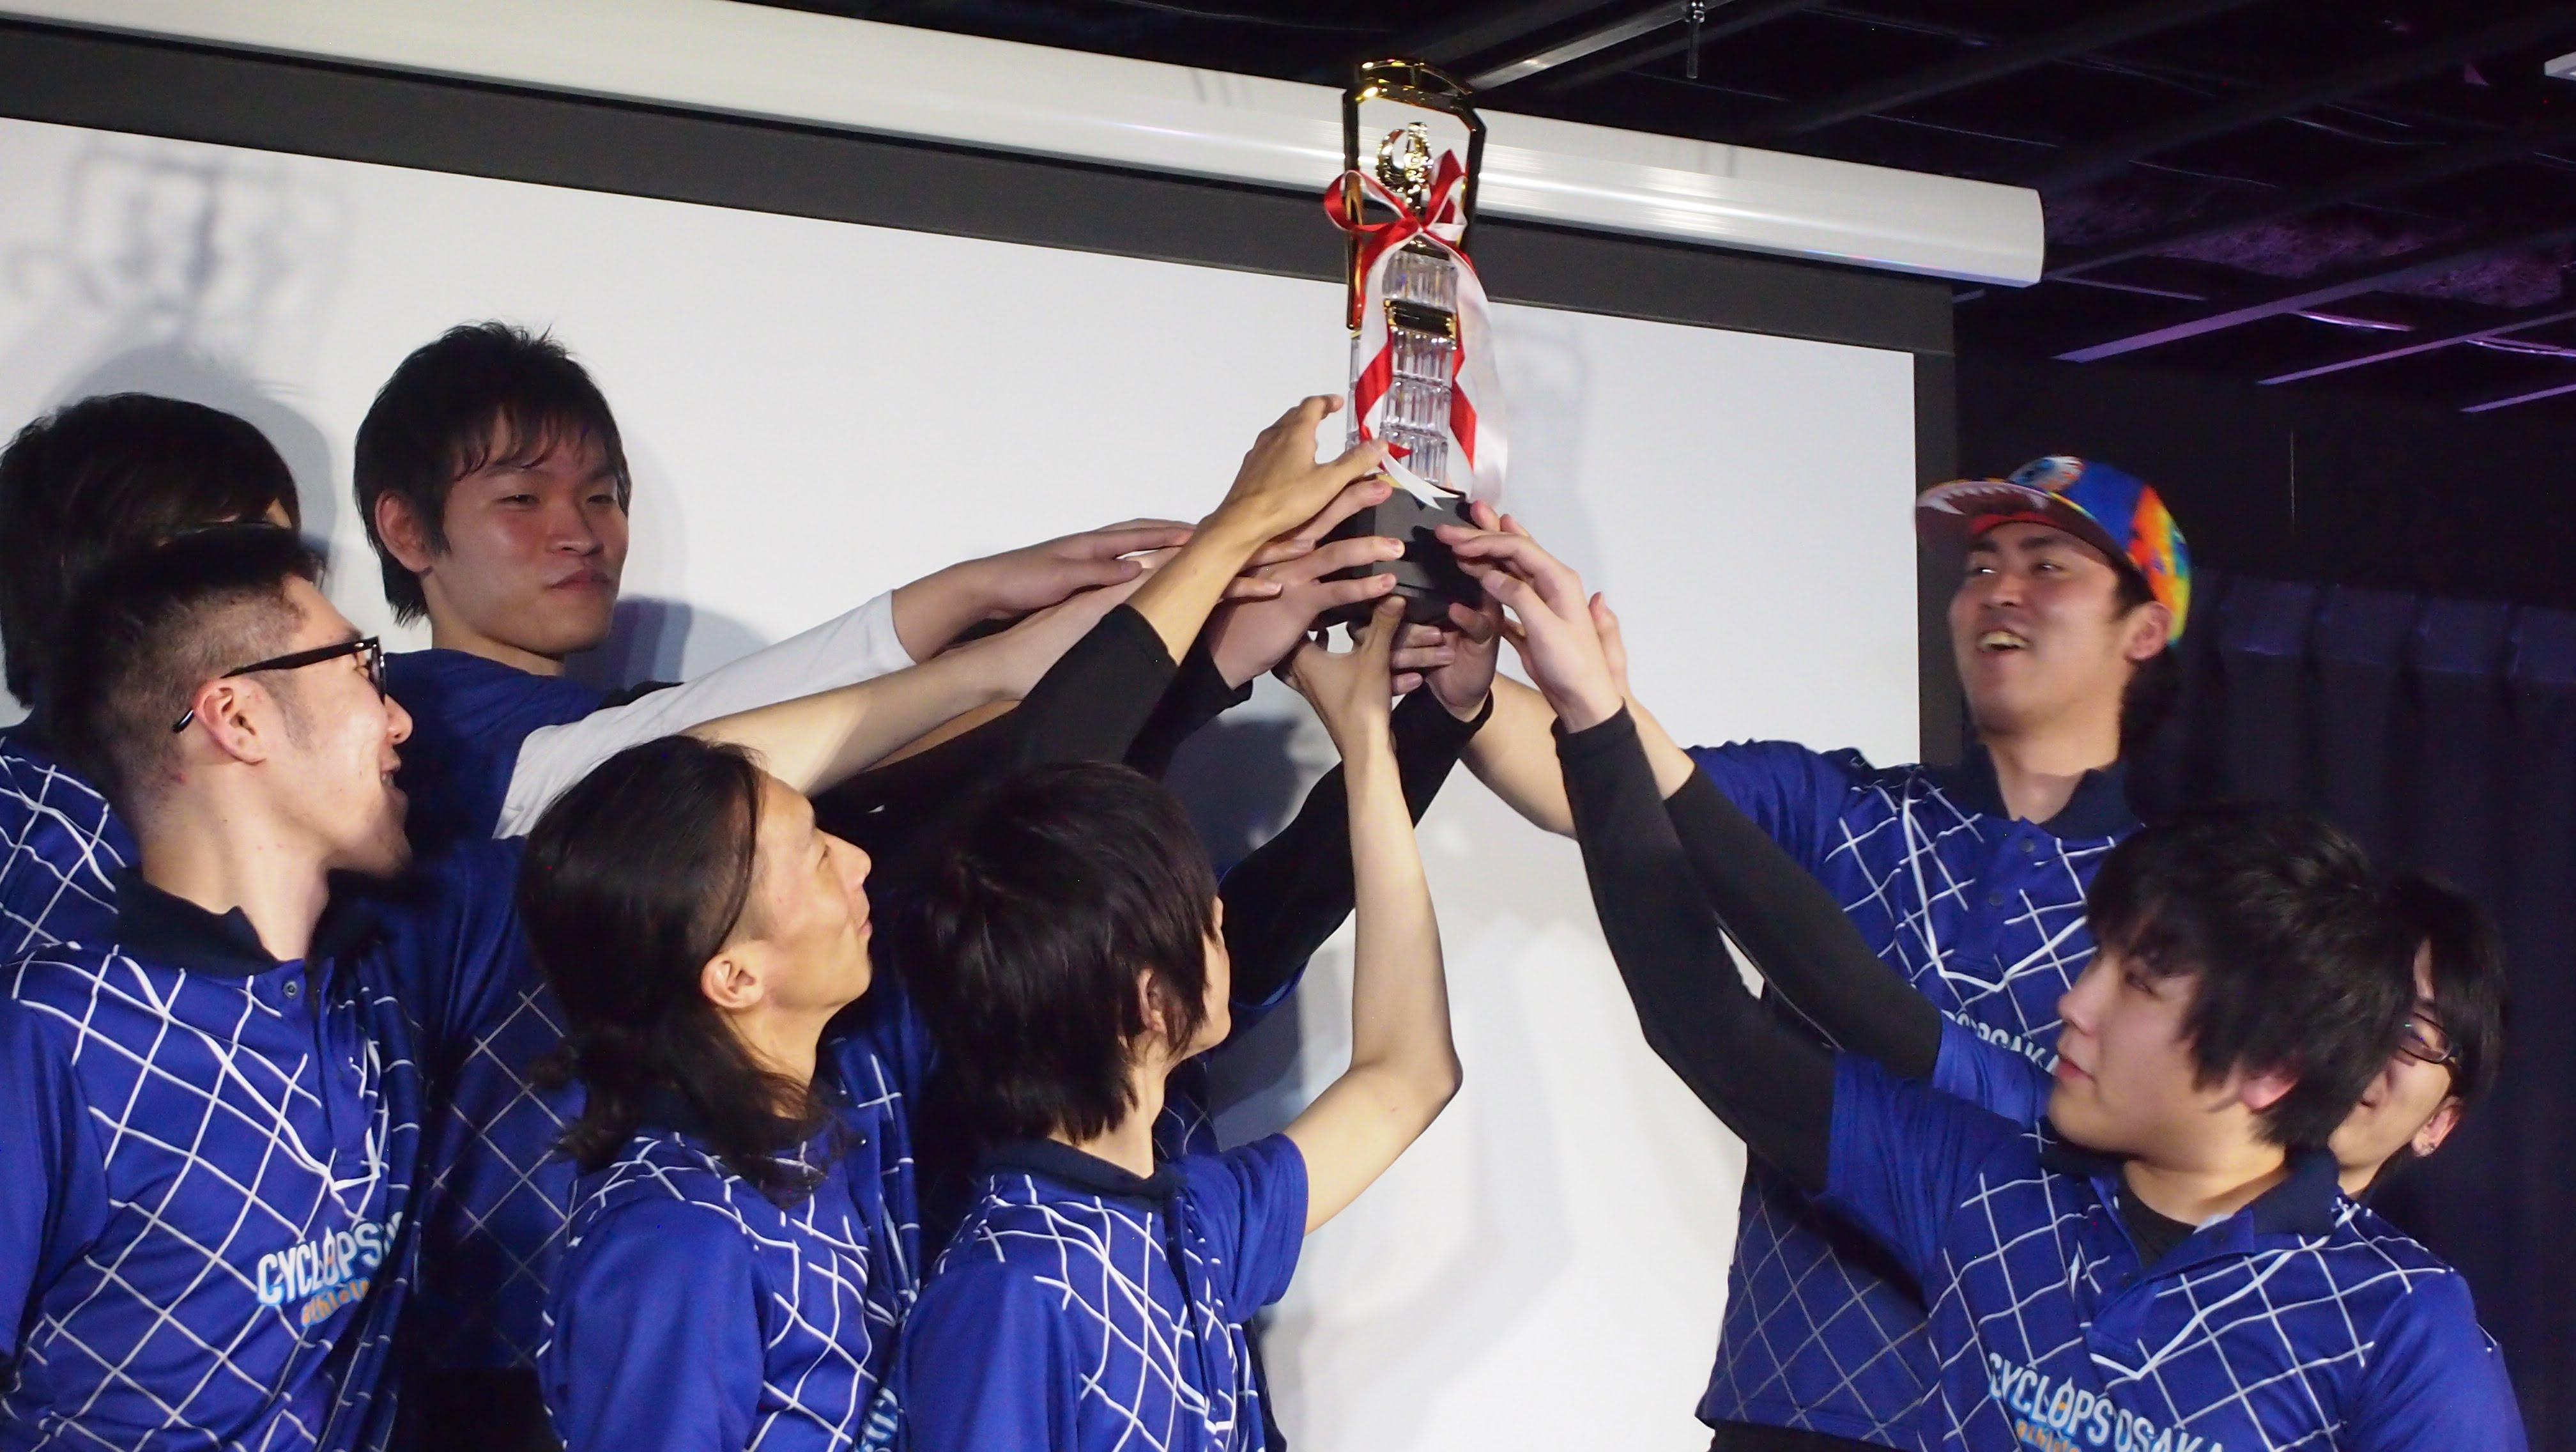 戦う選手の姿に魅了!「日本eスポーツリーグ 2016 Winter」会場レポート